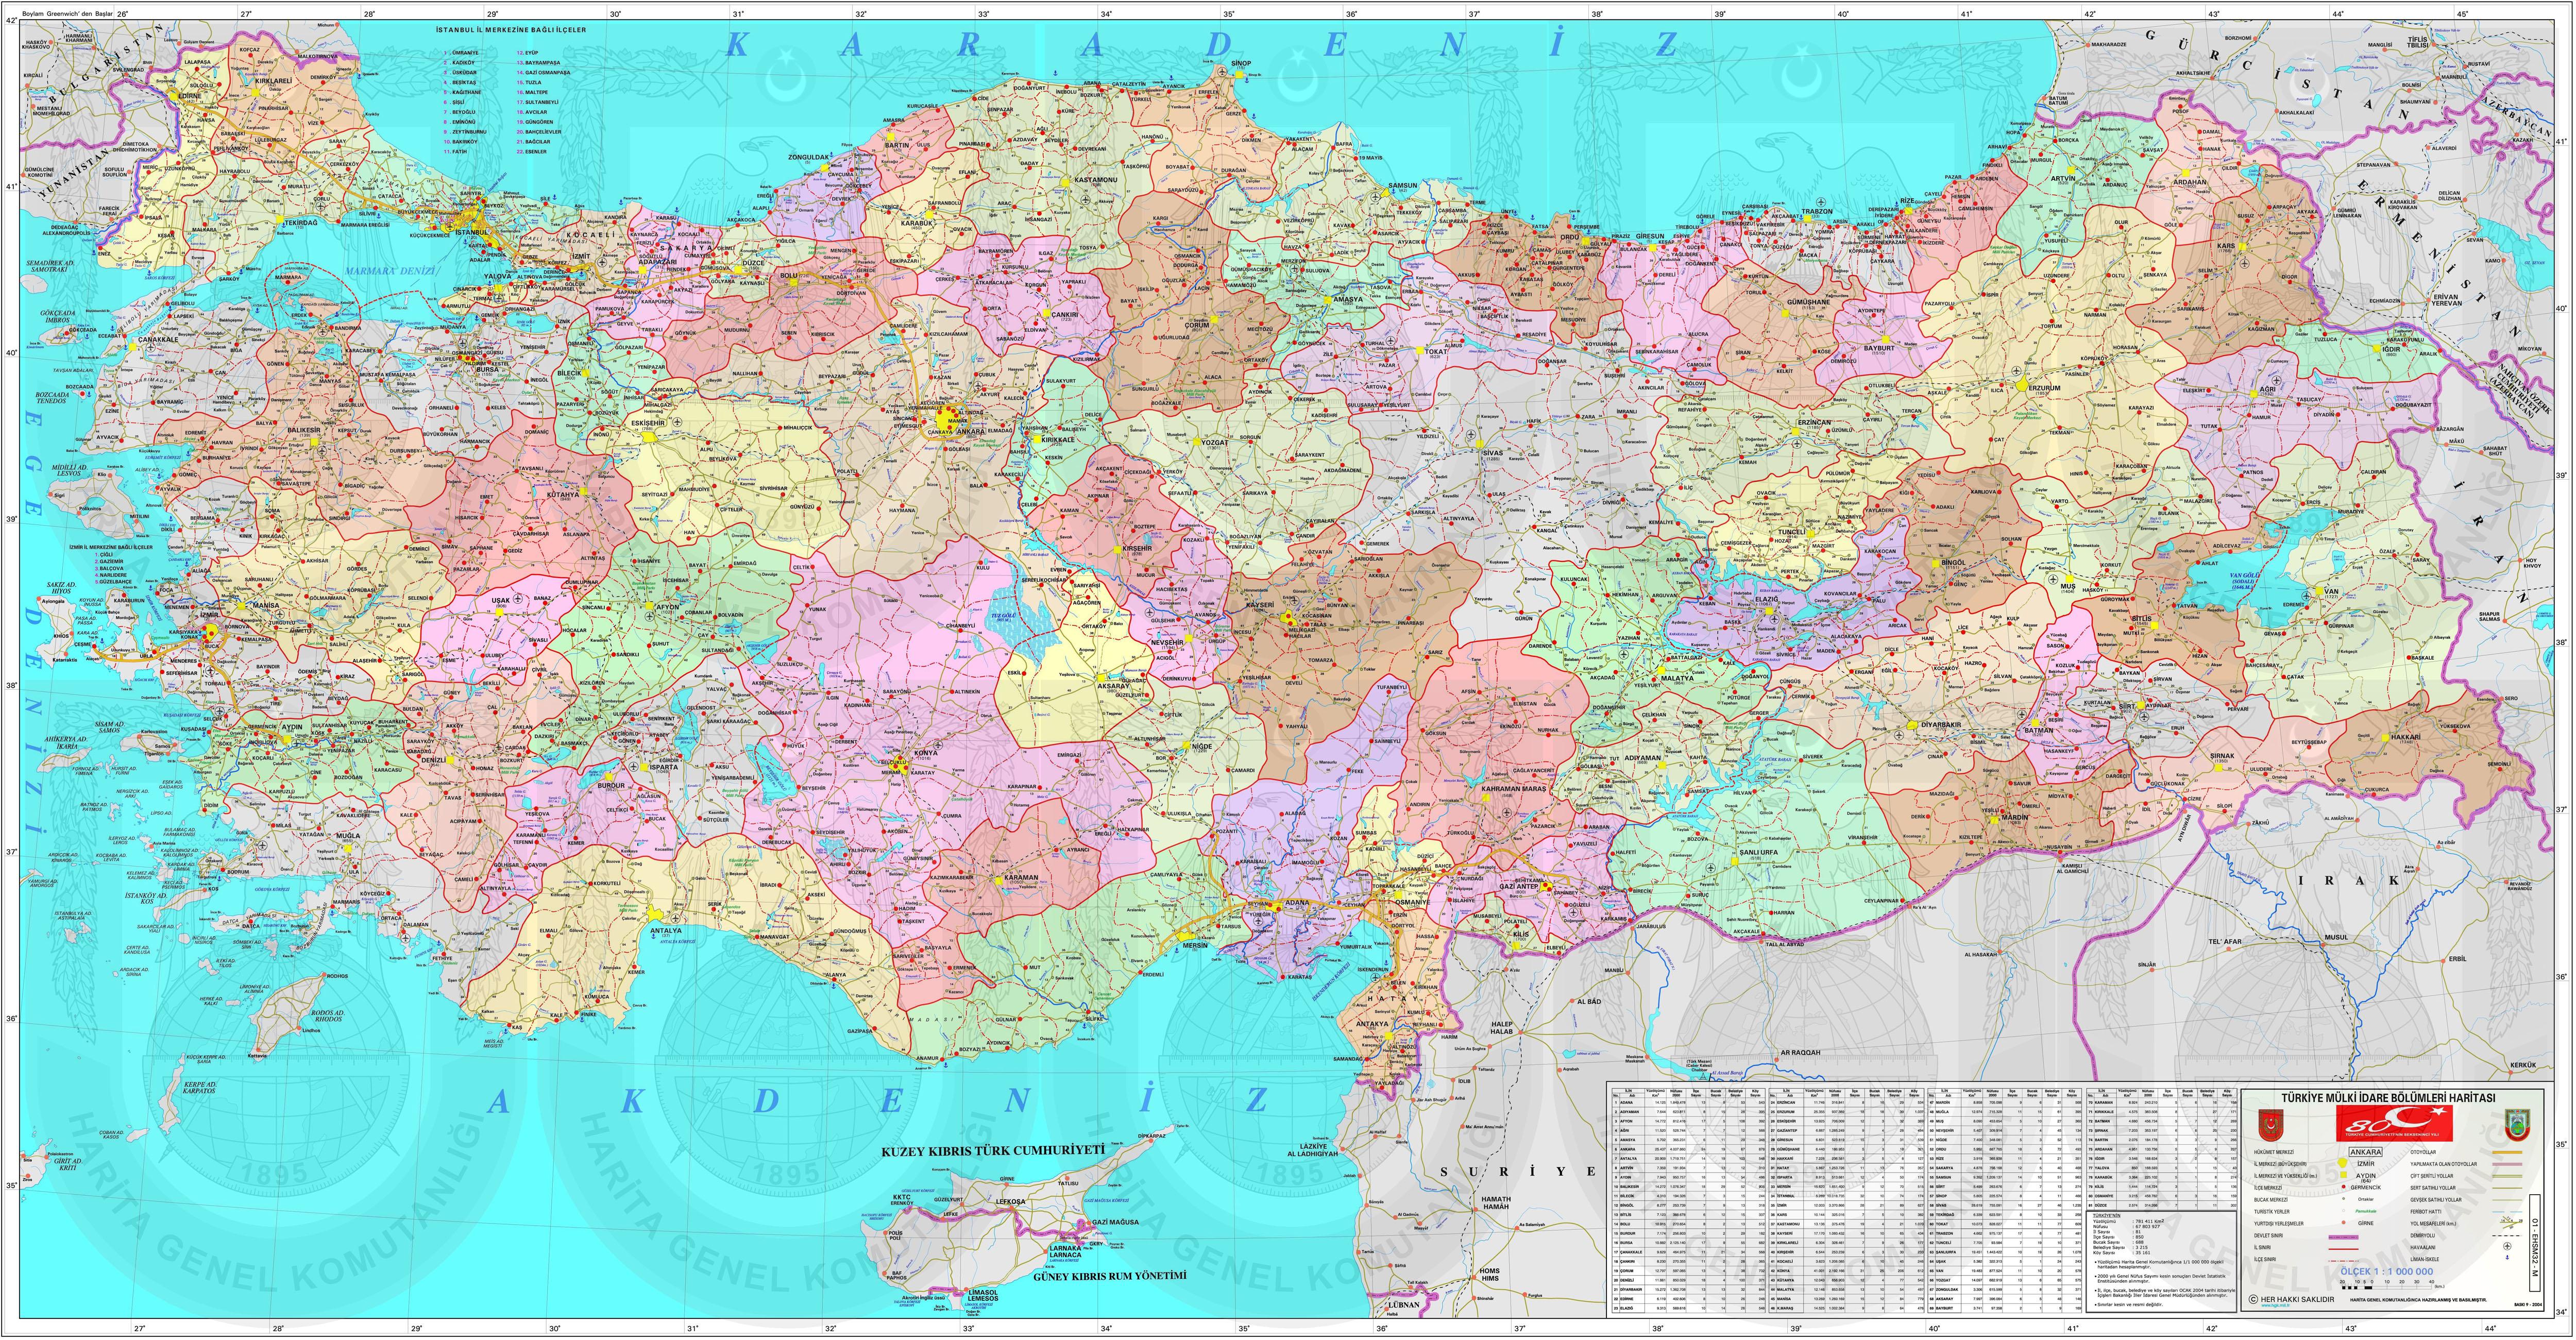 Podrobnaya Administrativnaya Karta Turcii S Regionami Na Russkom Yazyke